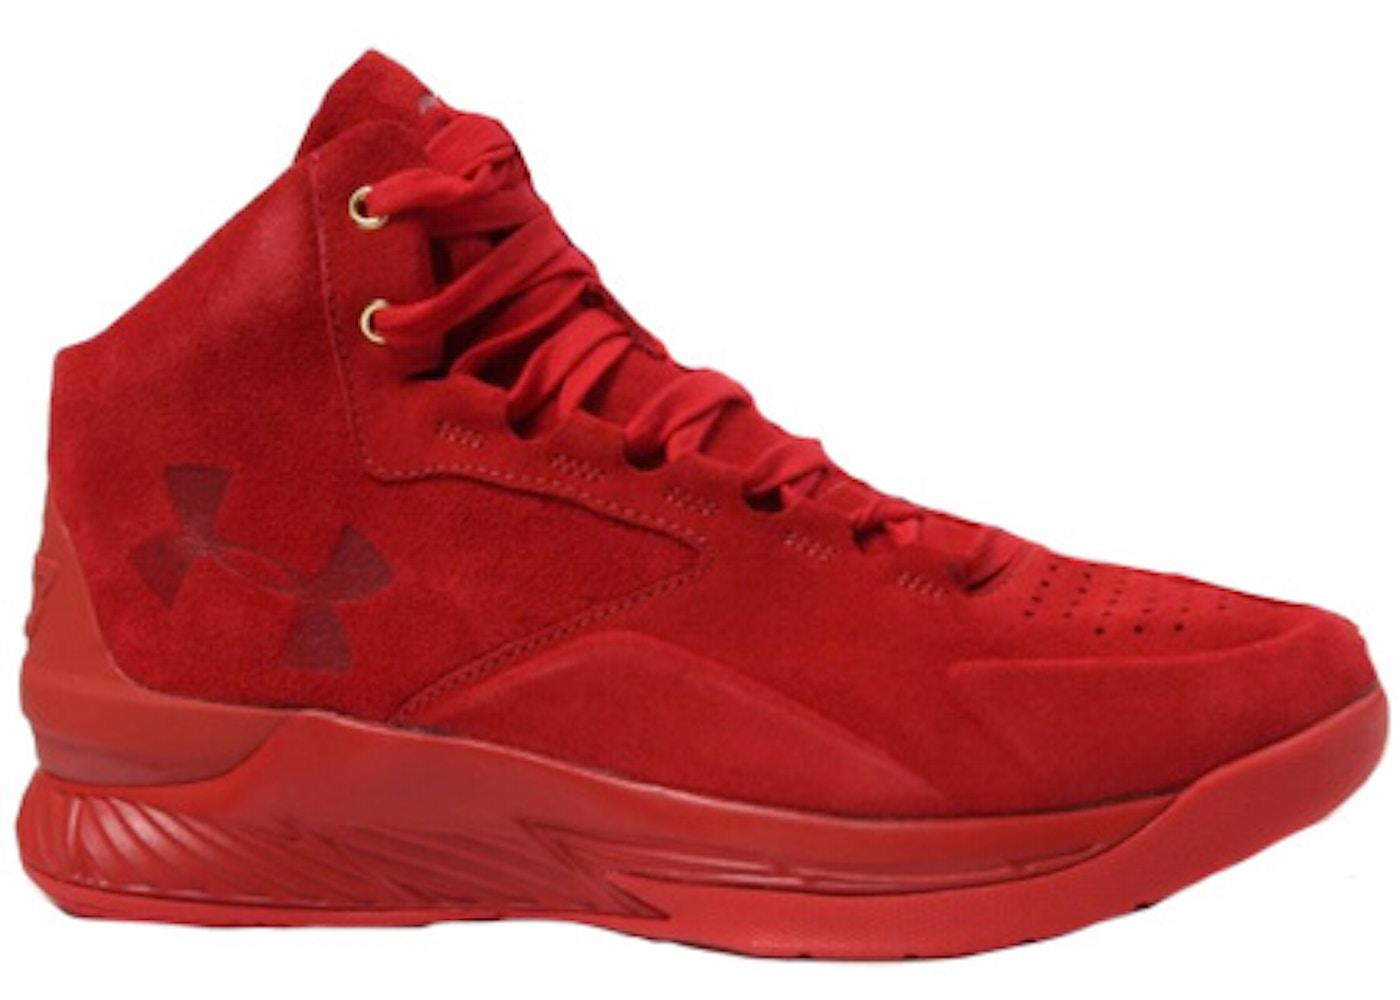 best service ffeef 5ccf3 UA Curry 1 Lux Red